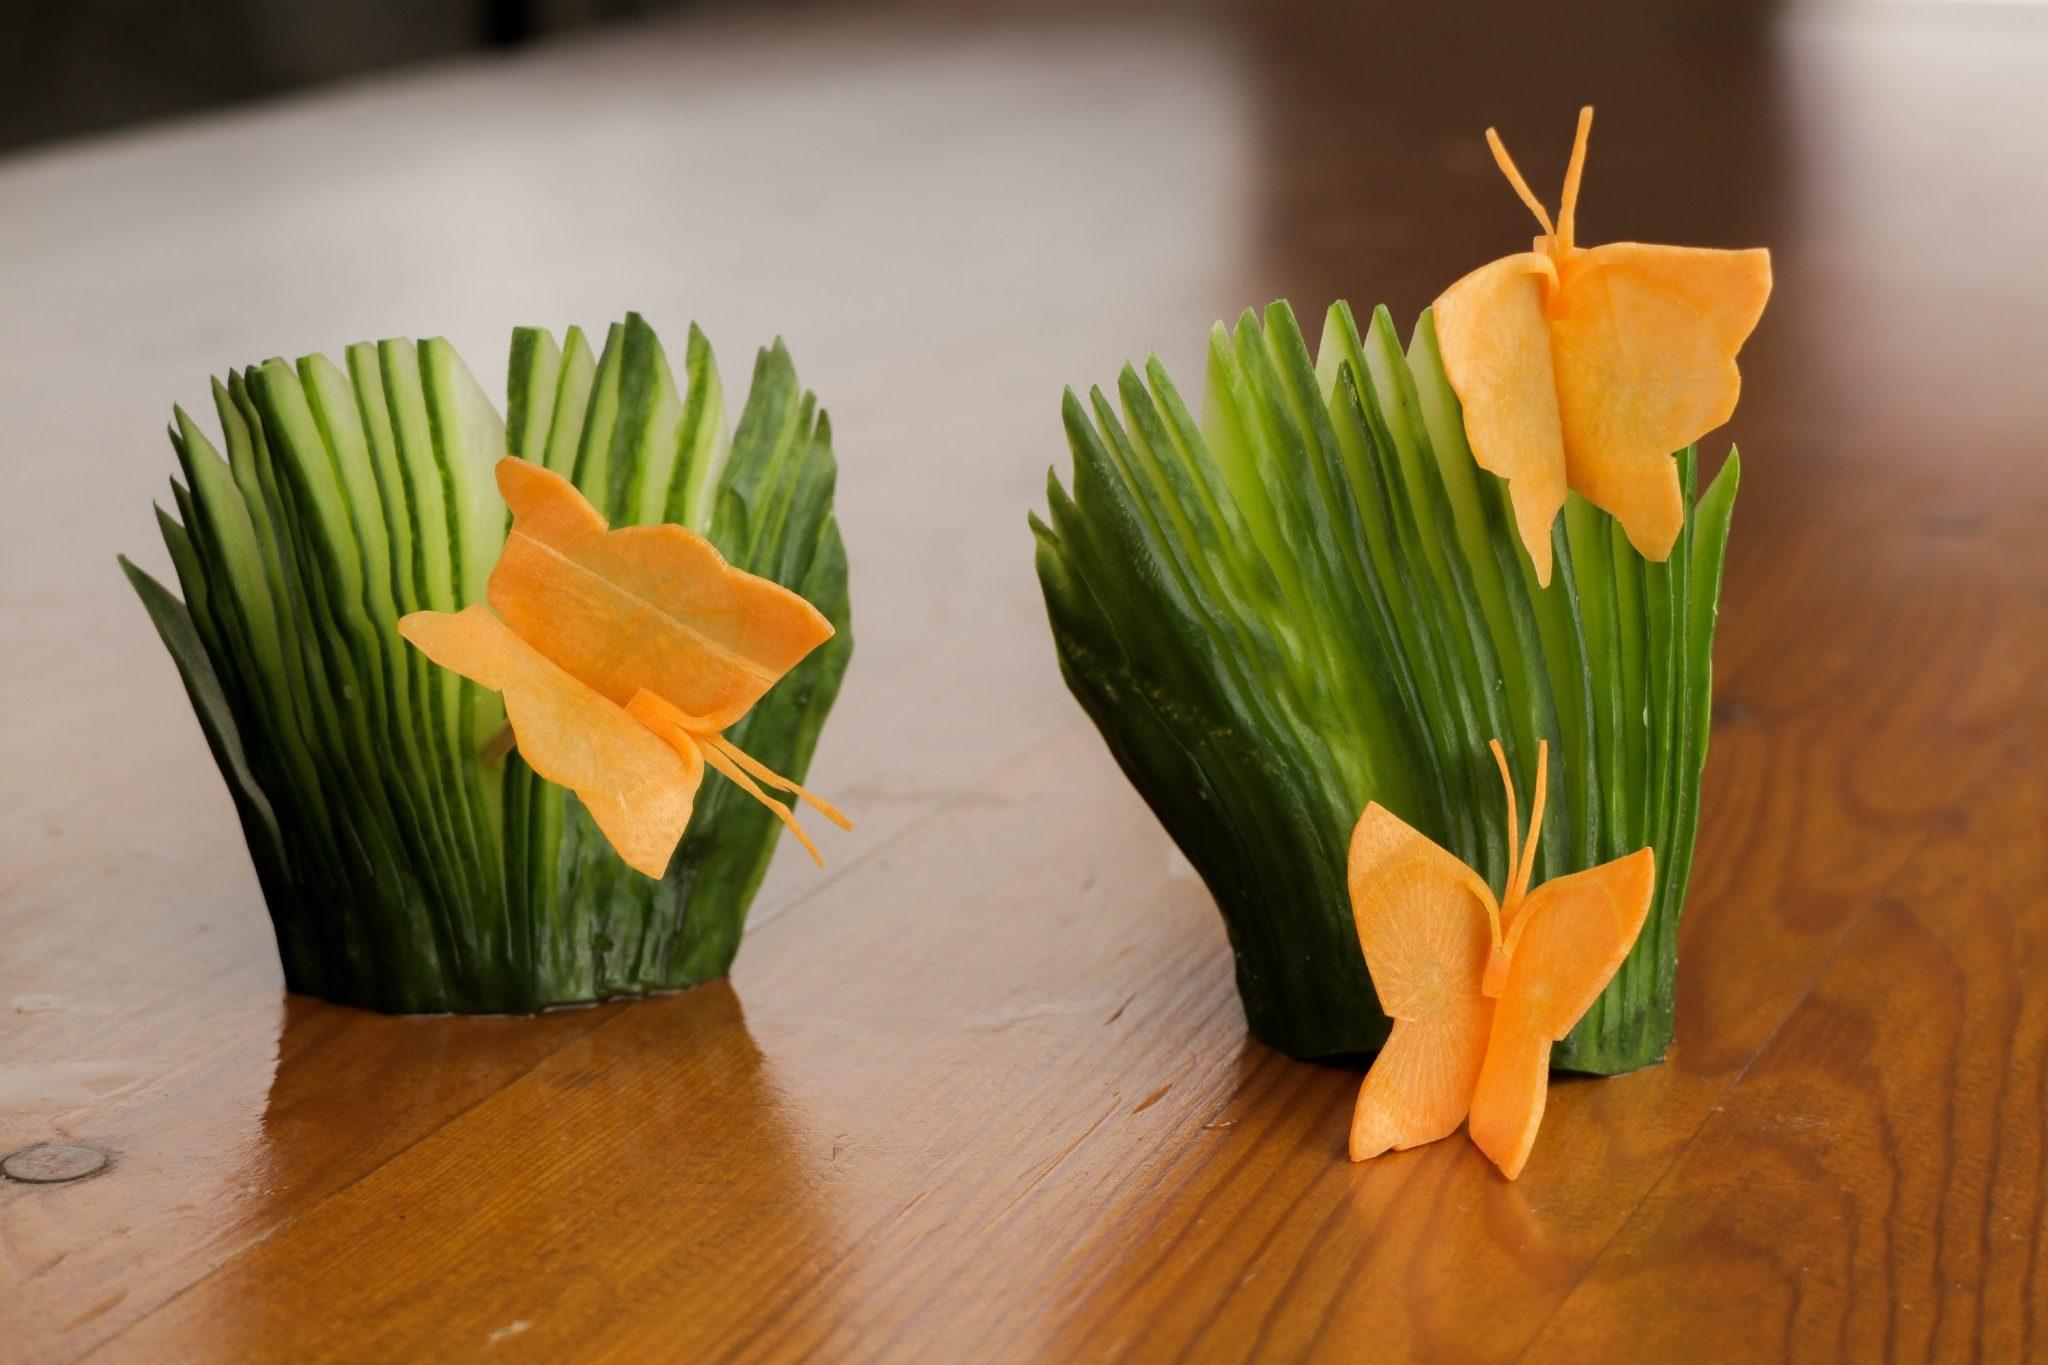 Comment faire des papillons de carotte ?